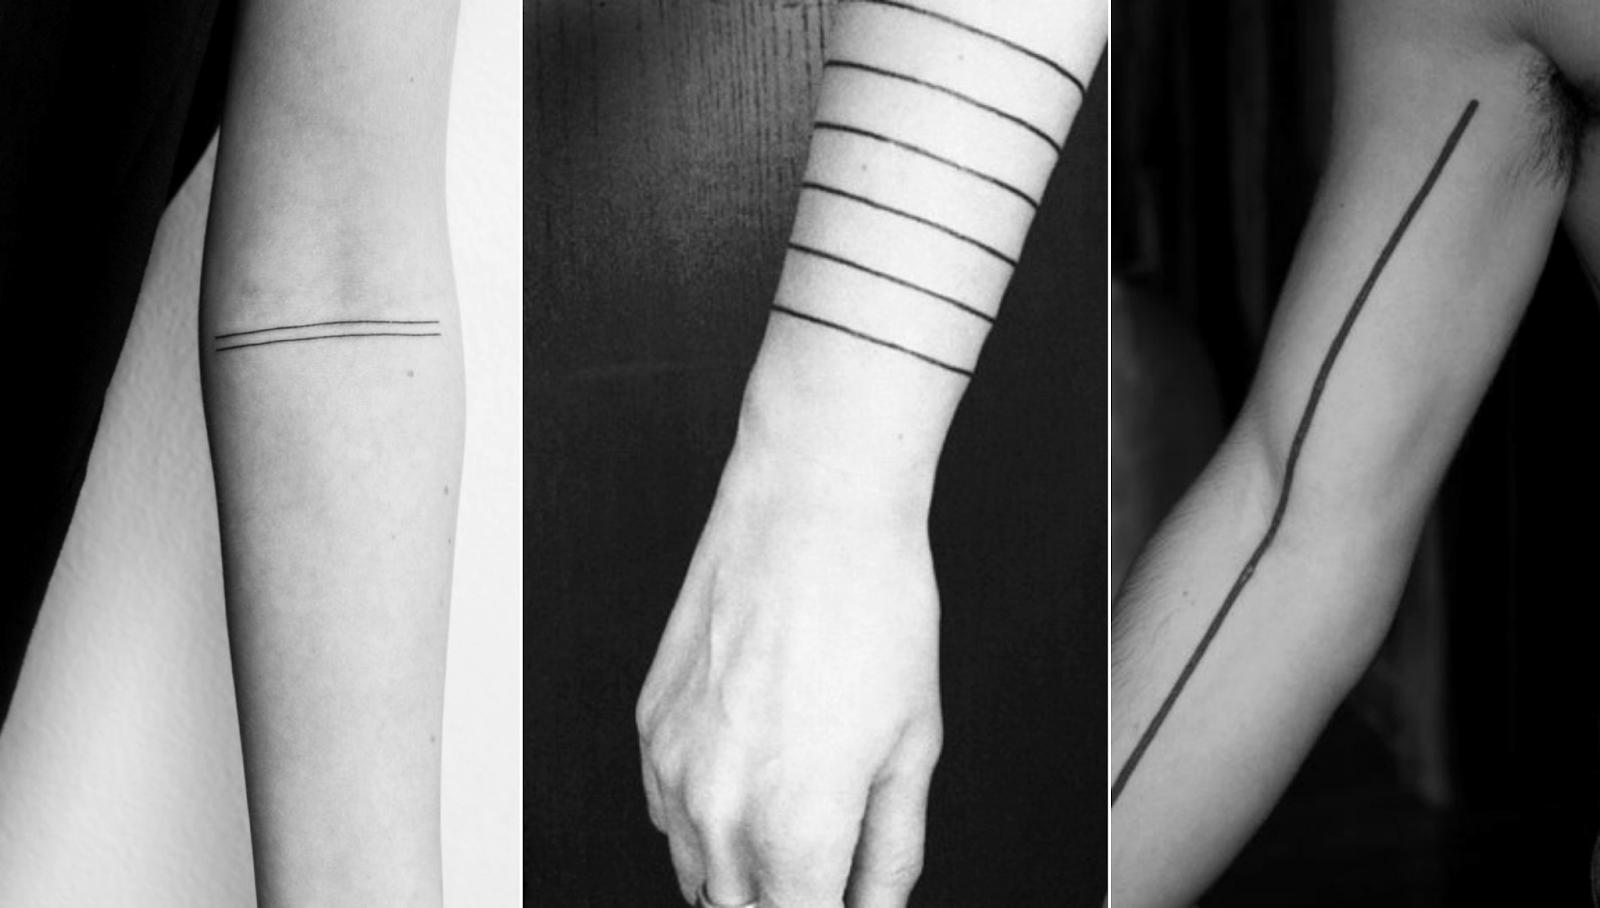 R Sultats Google Recherche D Images Correspondant Http 2 Bp Blogspot Com Ao38k3qtrea Va6ucww6fui Aaaaaa Line Tattoos Straight Line Tattoo Geometric Tattoo